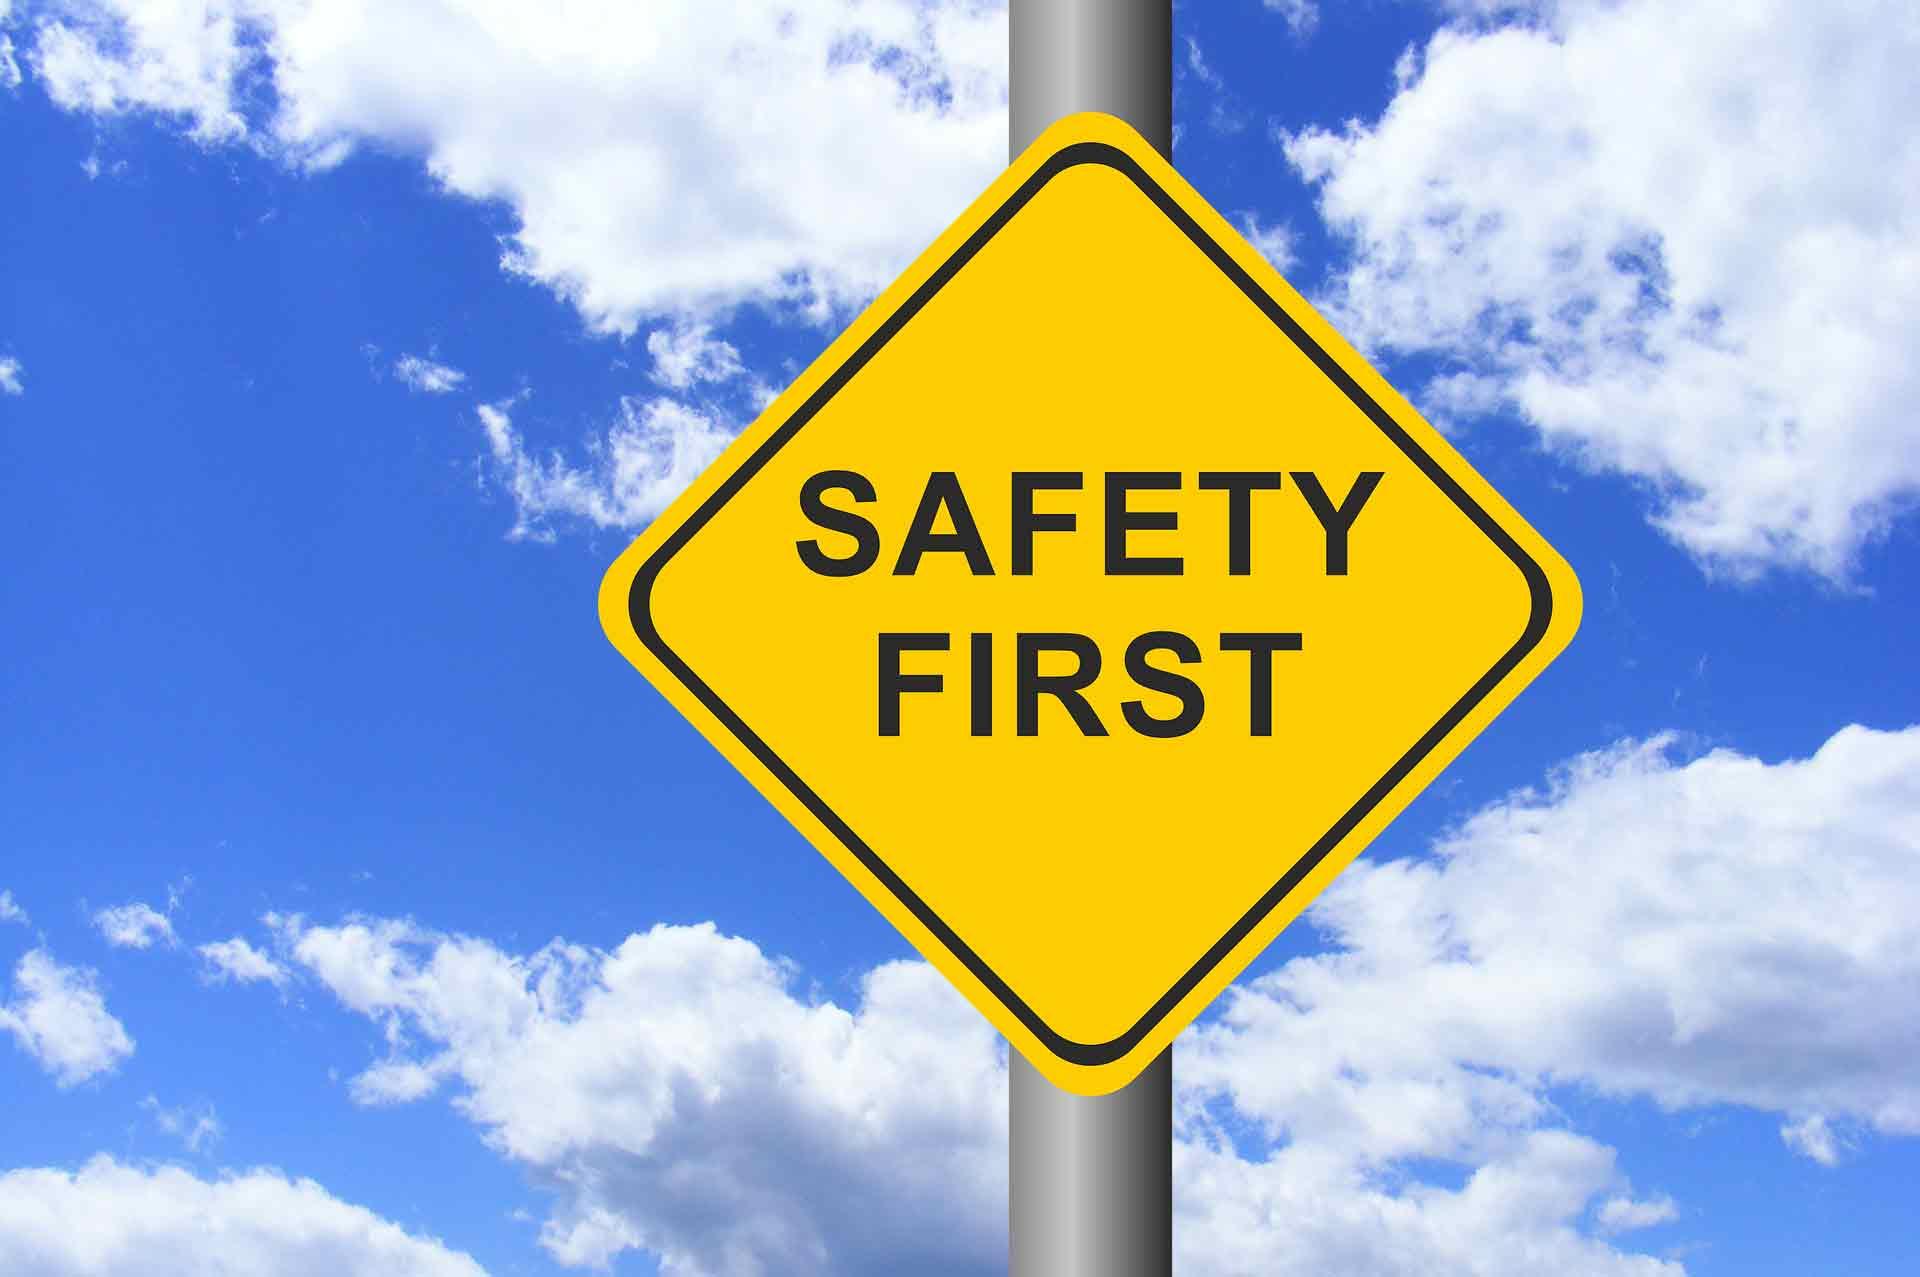 Arbeitssicherheit und Gesundheitsschutz stellen hohe Anforderungen